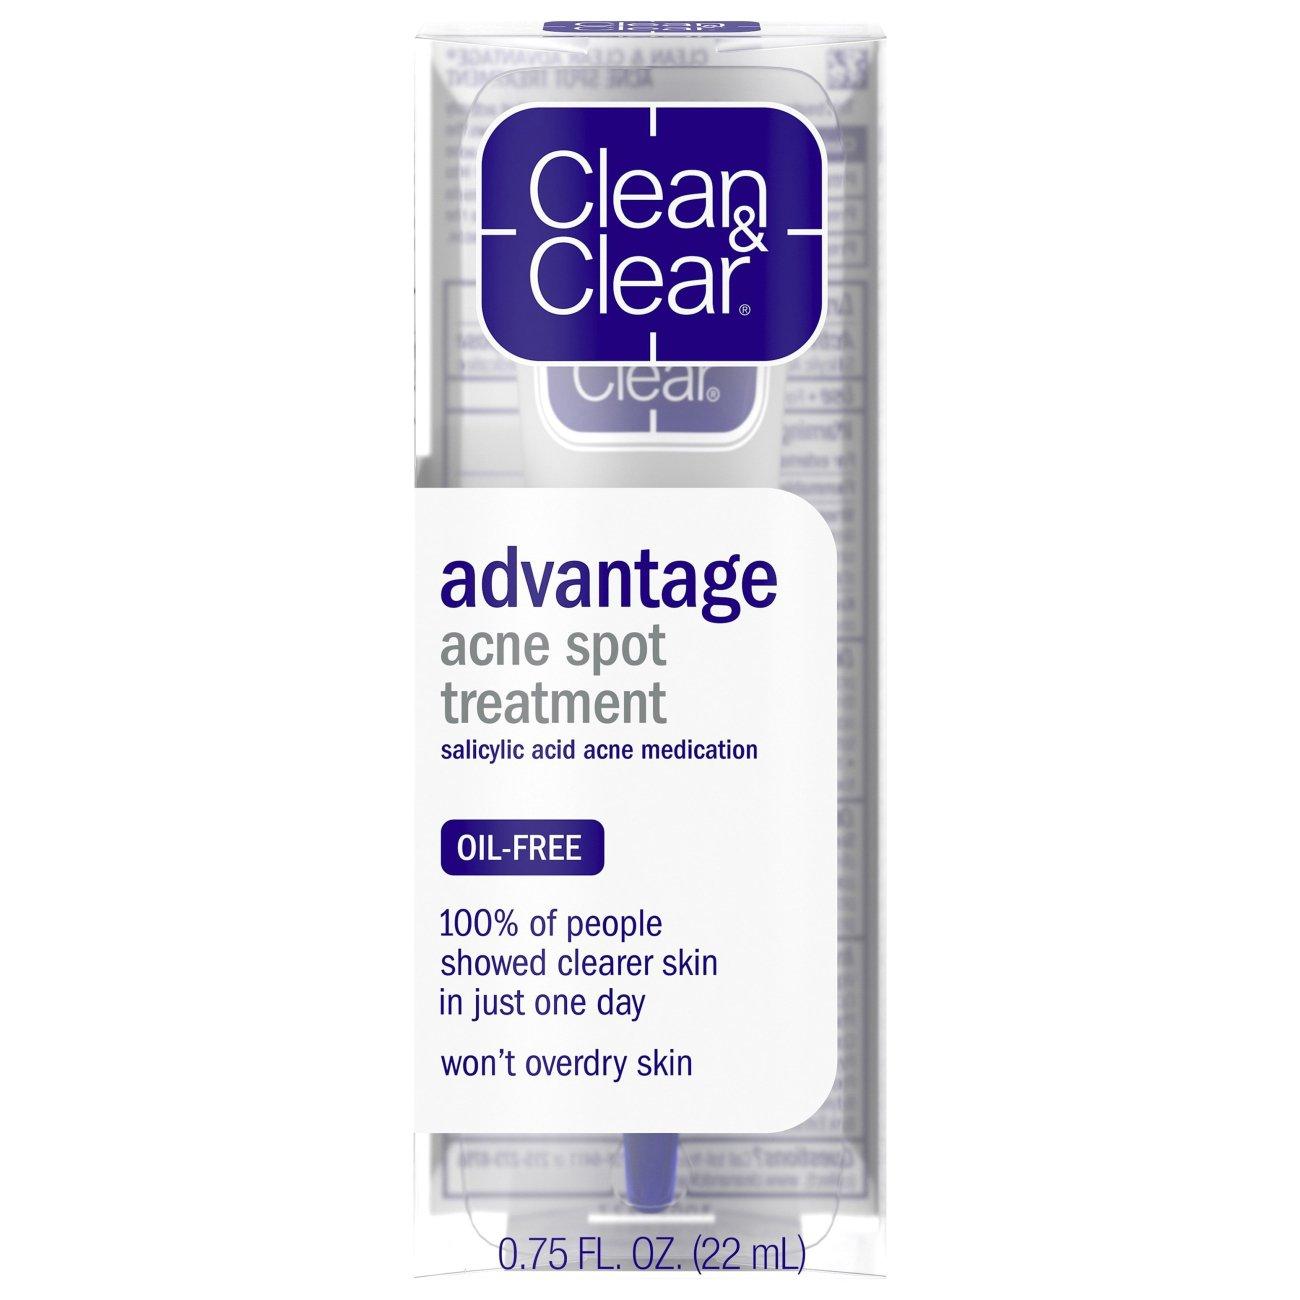 Clean Clear Advantage Acne Spot Treatment Shop Facial Masks